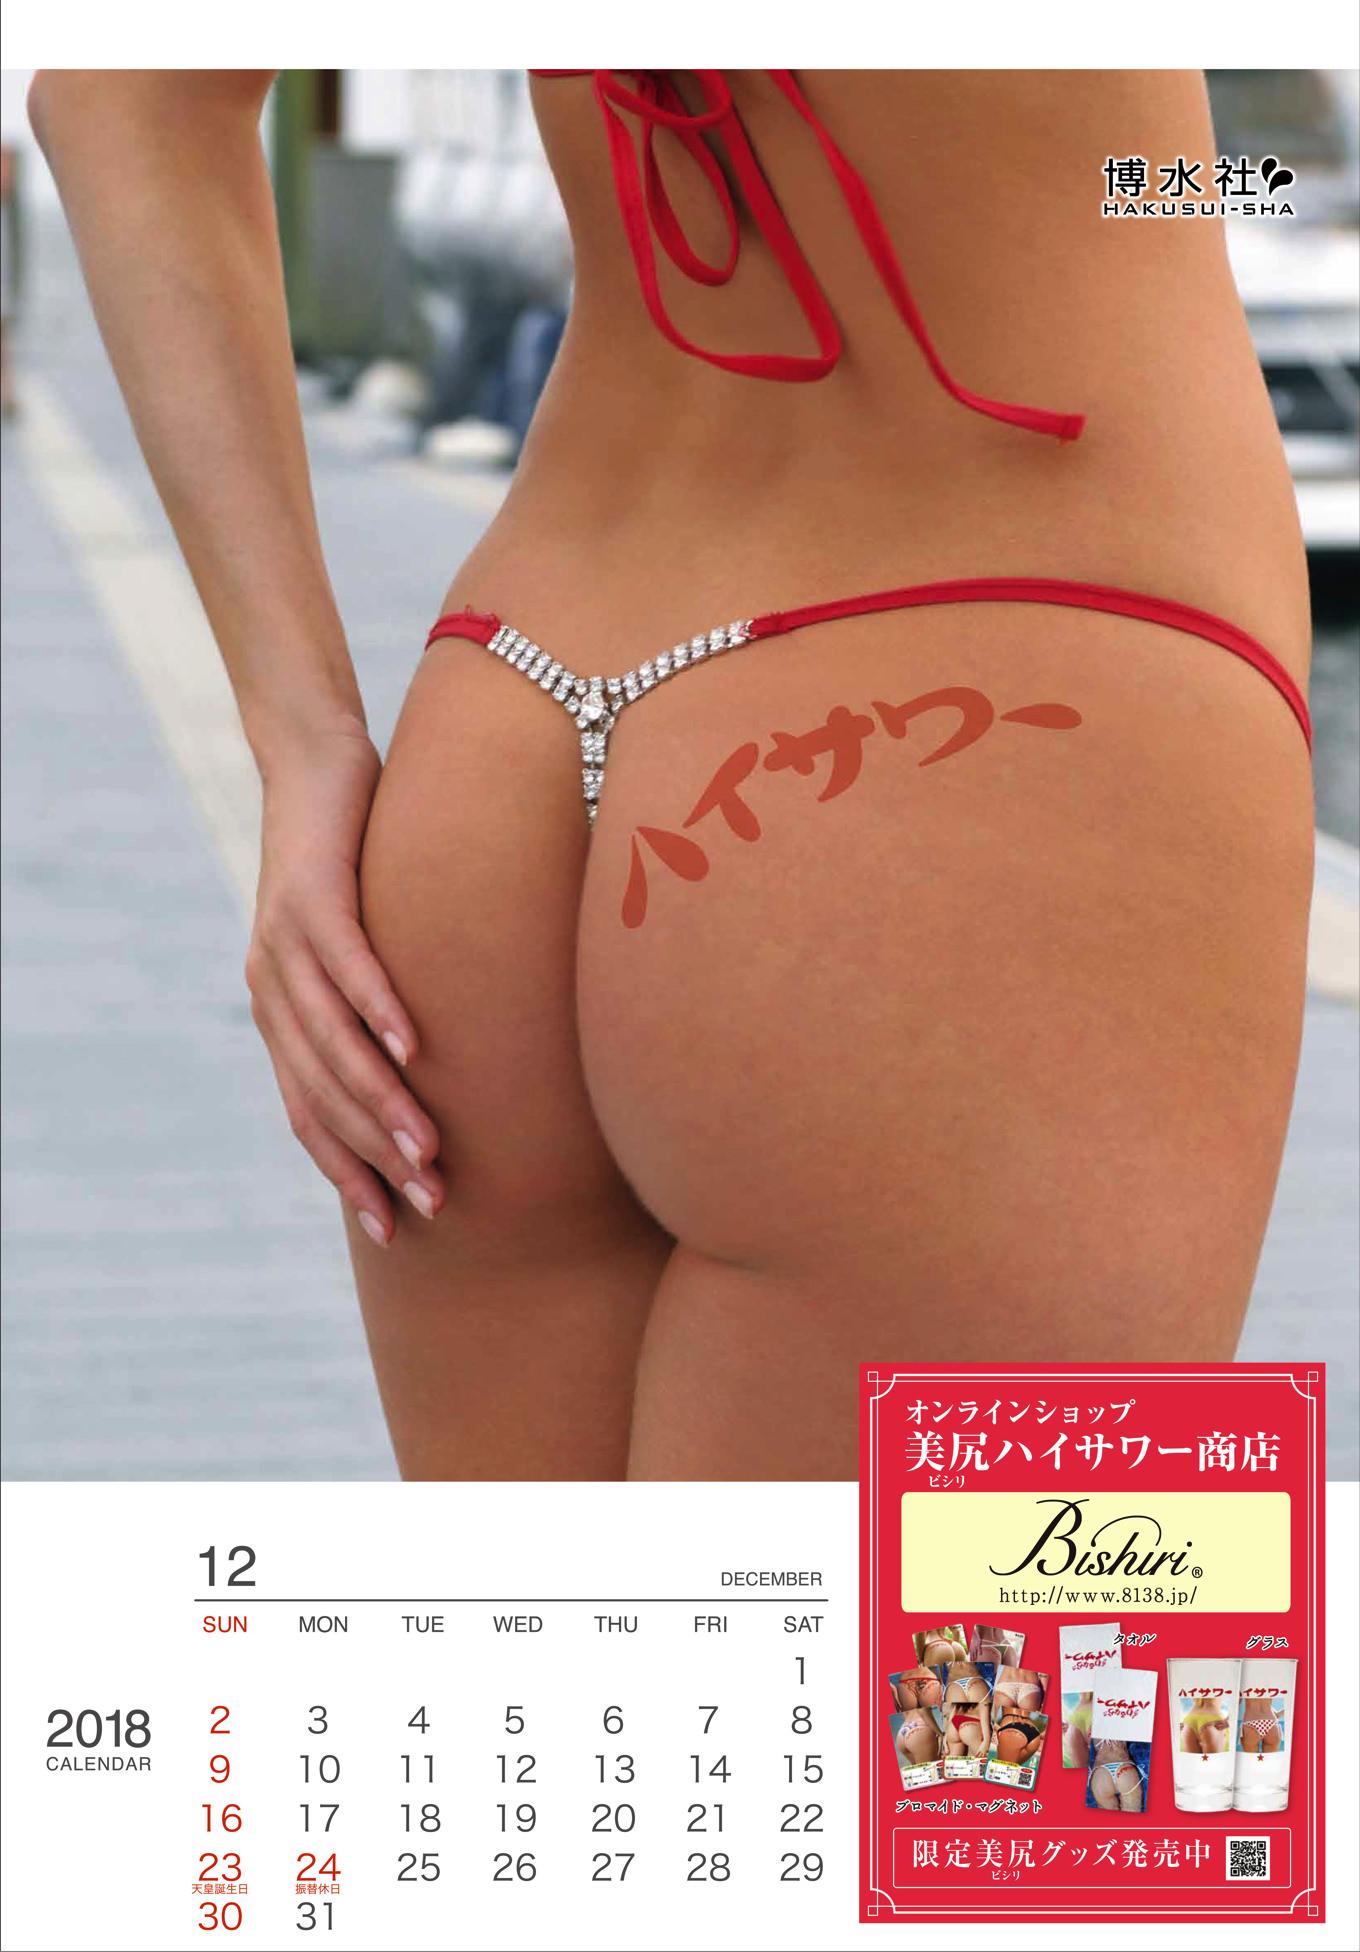 【12月】美尻カレンダー2018_13枚版